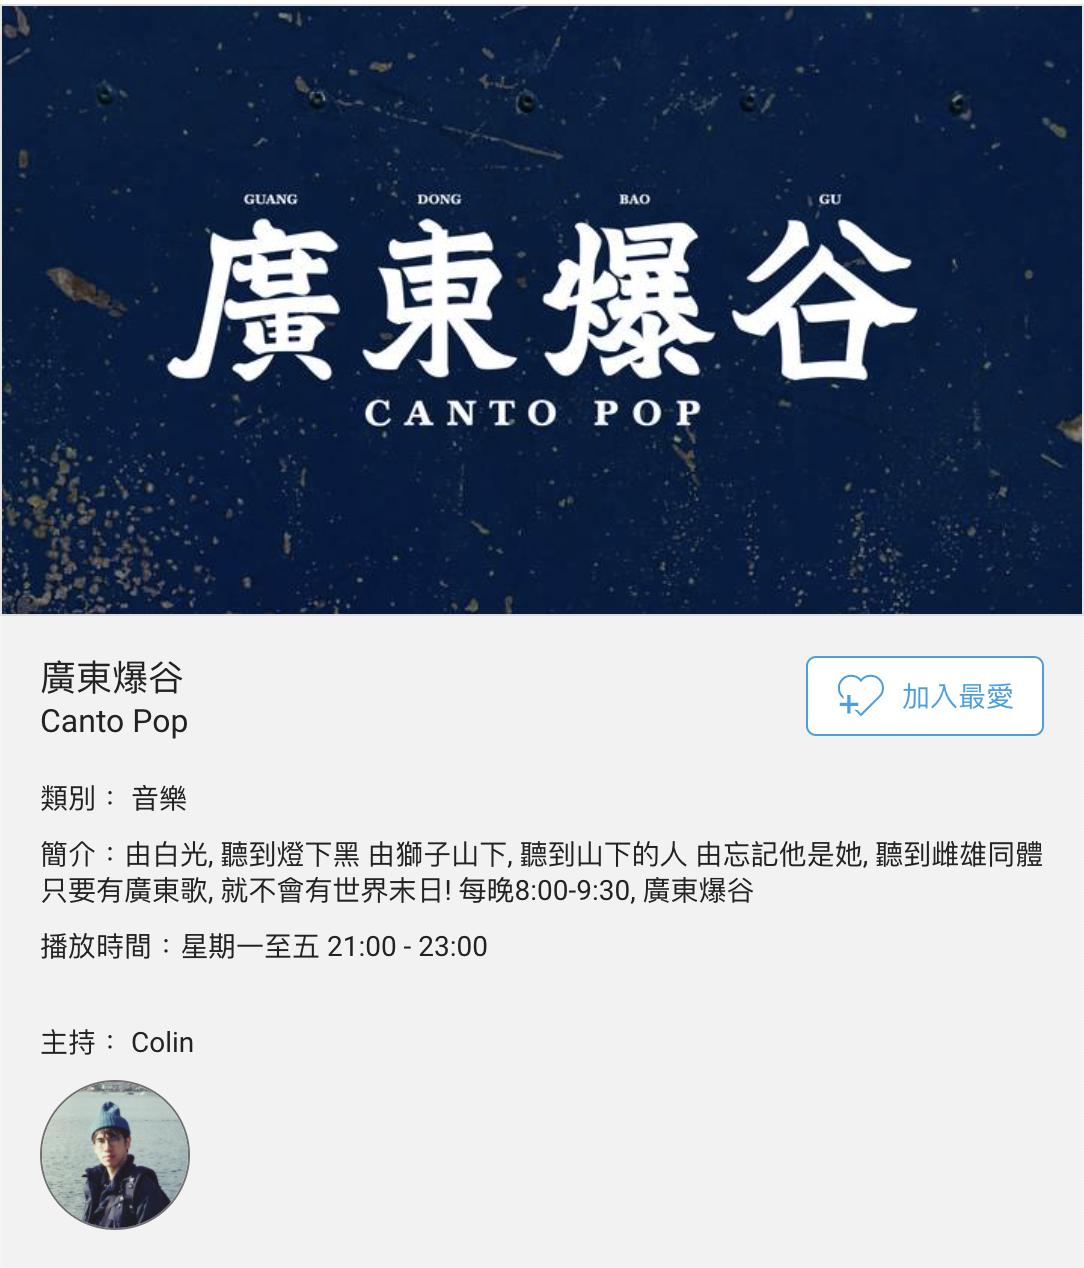 叱咤903 Colin Mak《廣東爆谷》